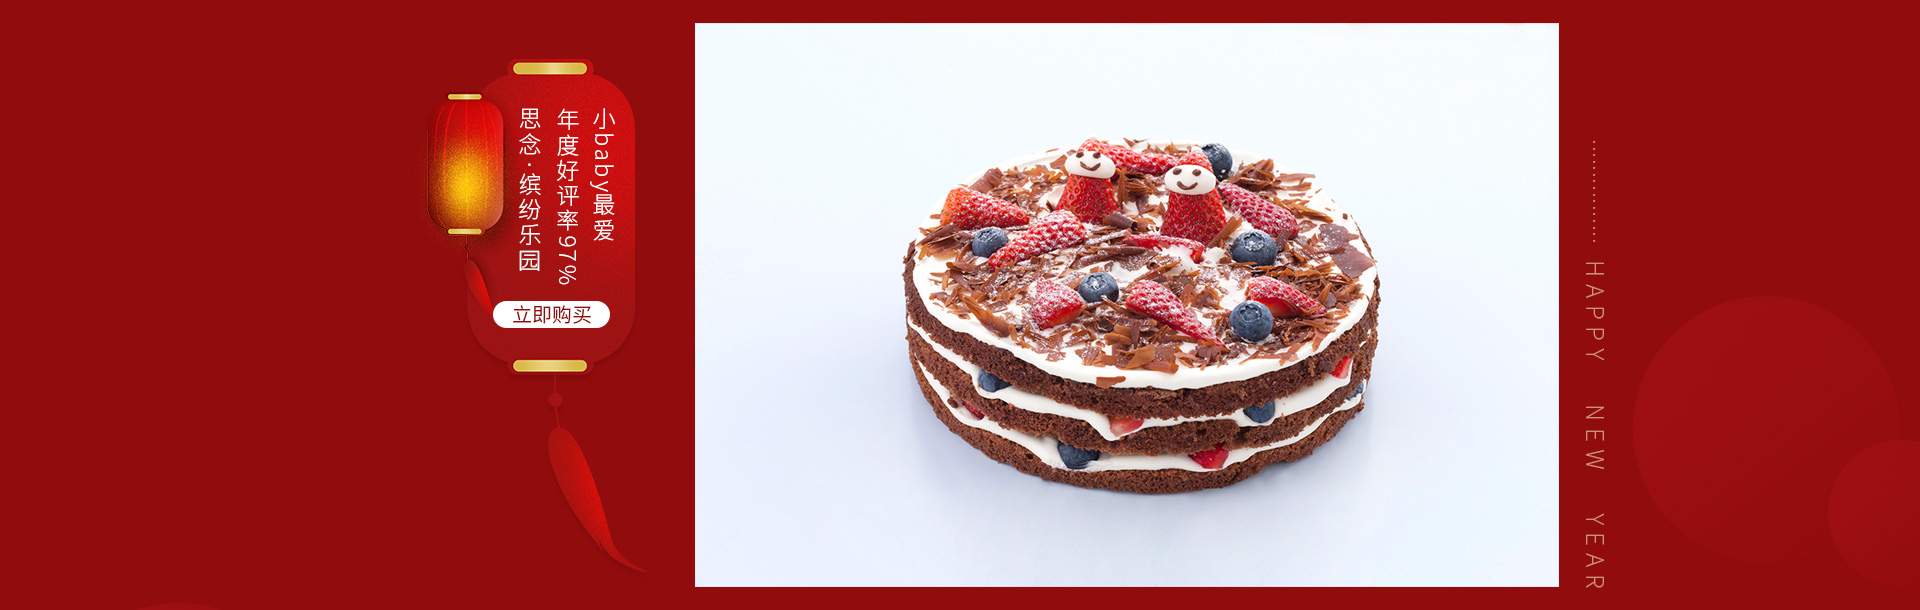 思念|缤纷乐园蛋糕